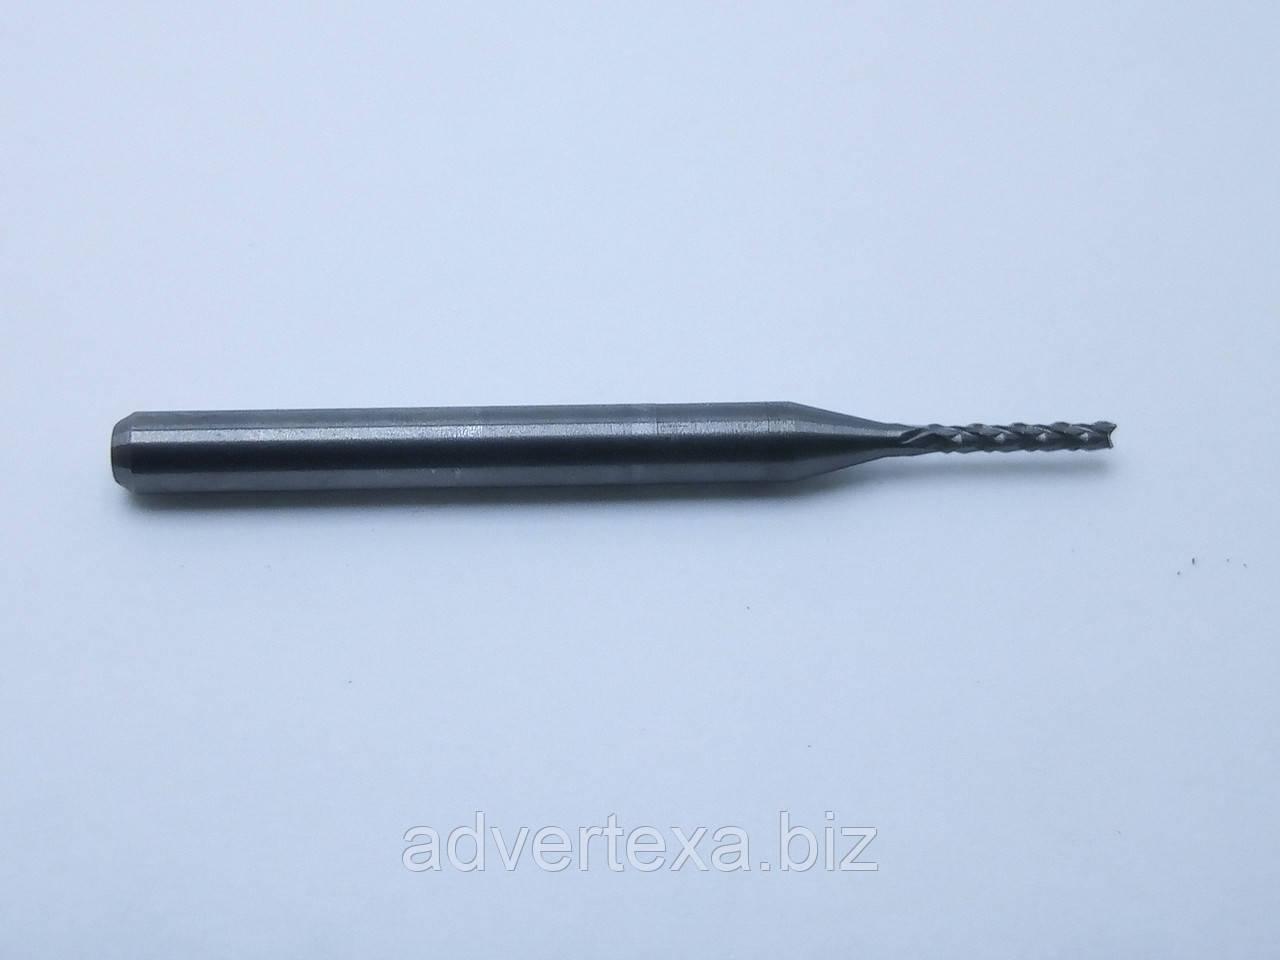 Фреза 1.2 мм 3.175 мм из вольфрамовой стали с общей длиной 36 мм для гравировки на ЧПУ станках CNC